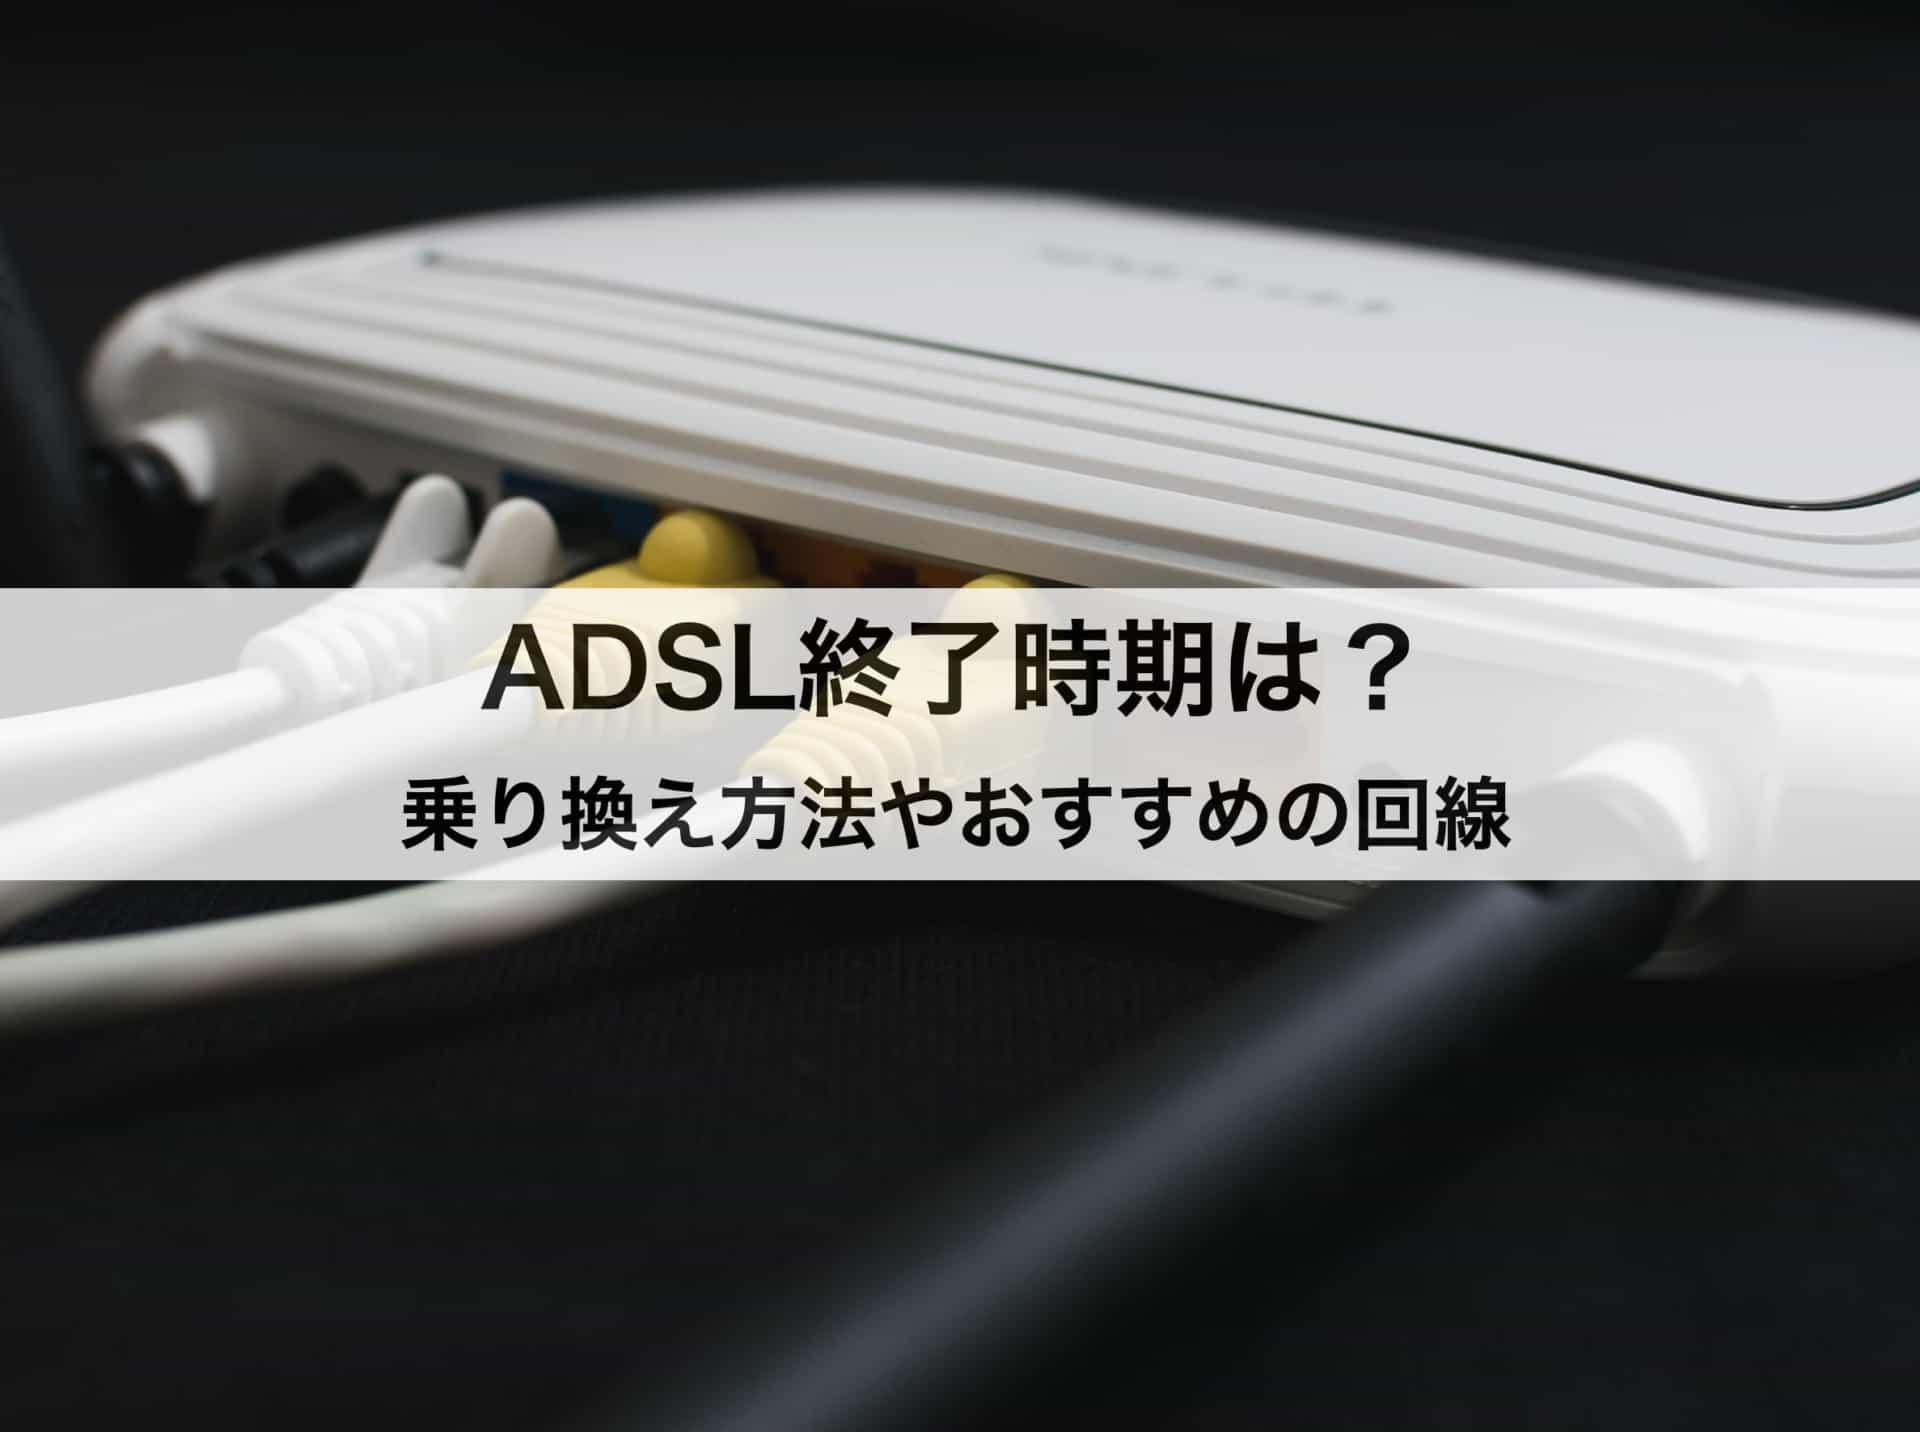 【2021年】ADSLサービス廃止・終了時期は?乗り換え方法やおすすめの光回線も紹介!